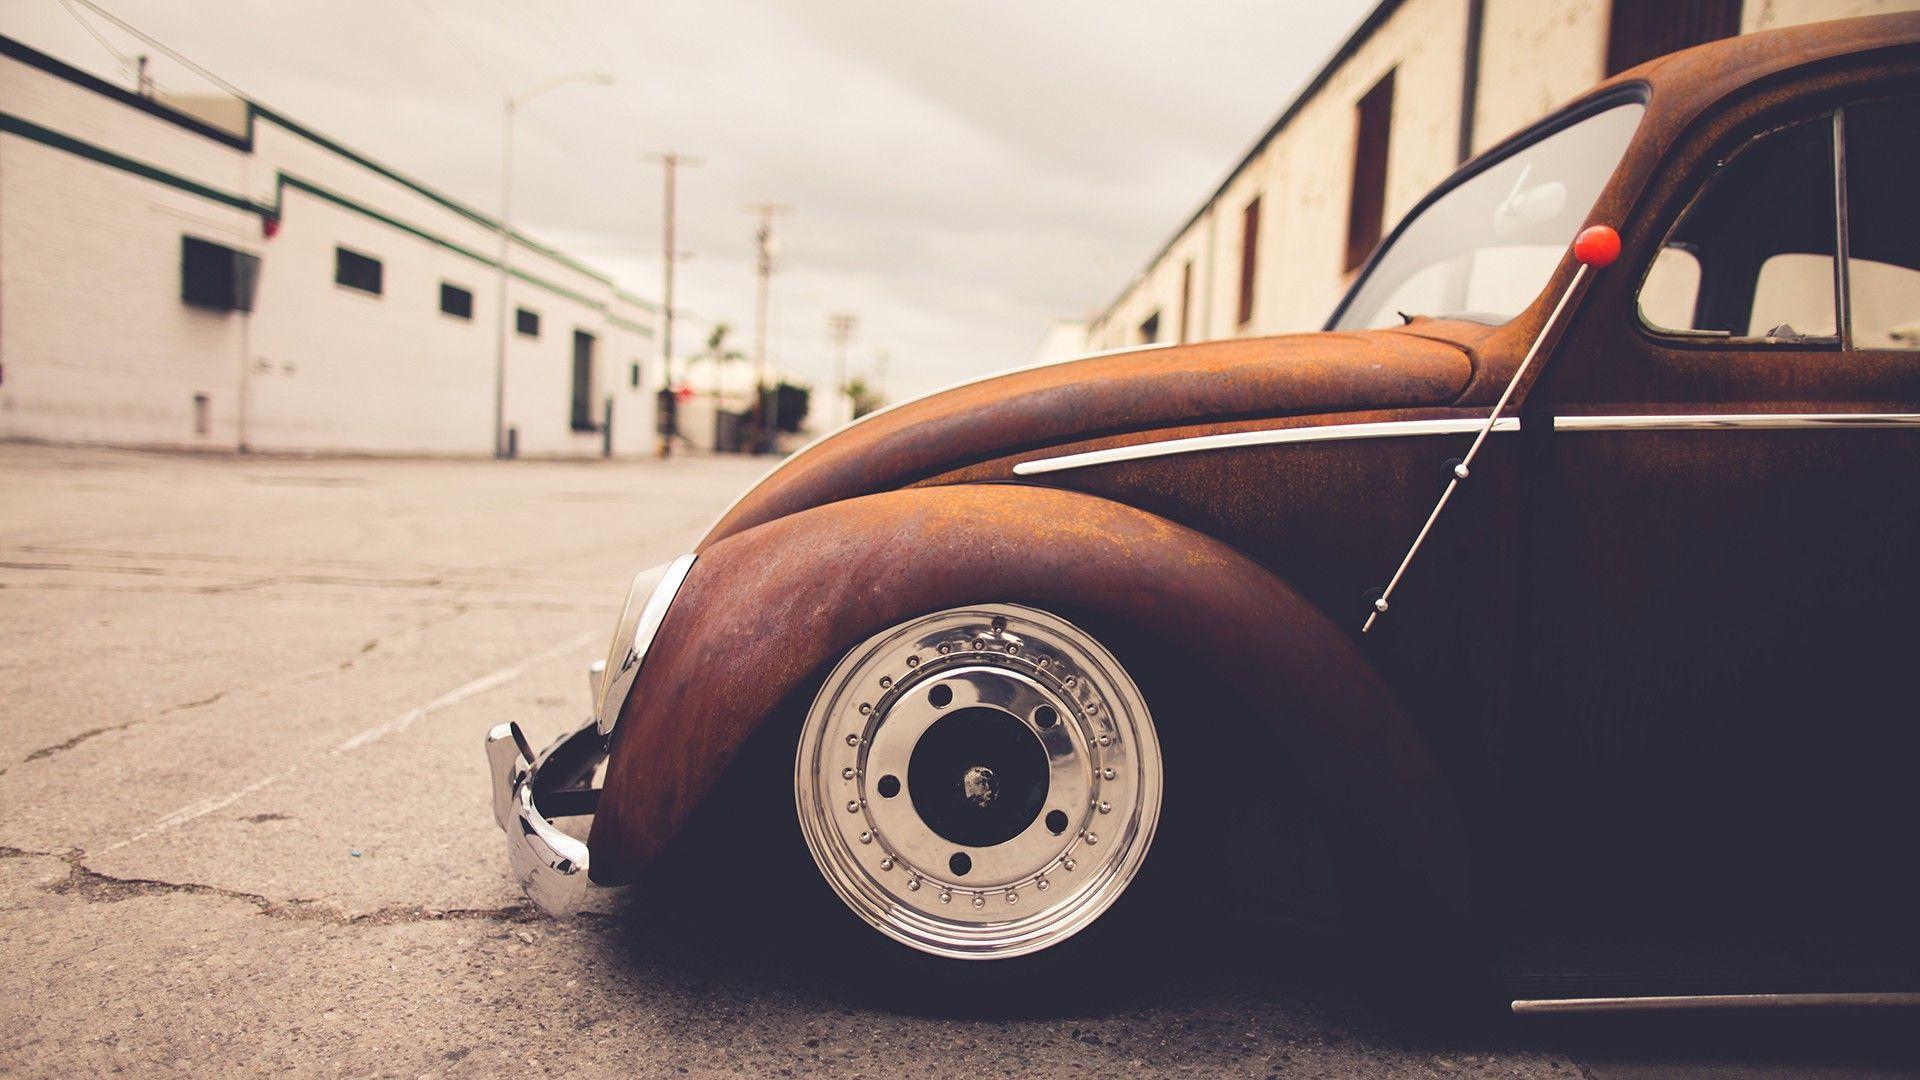 Volkswagen Beetle Volkswagen Kfer Time Rust   Volkswagen 1920x1080